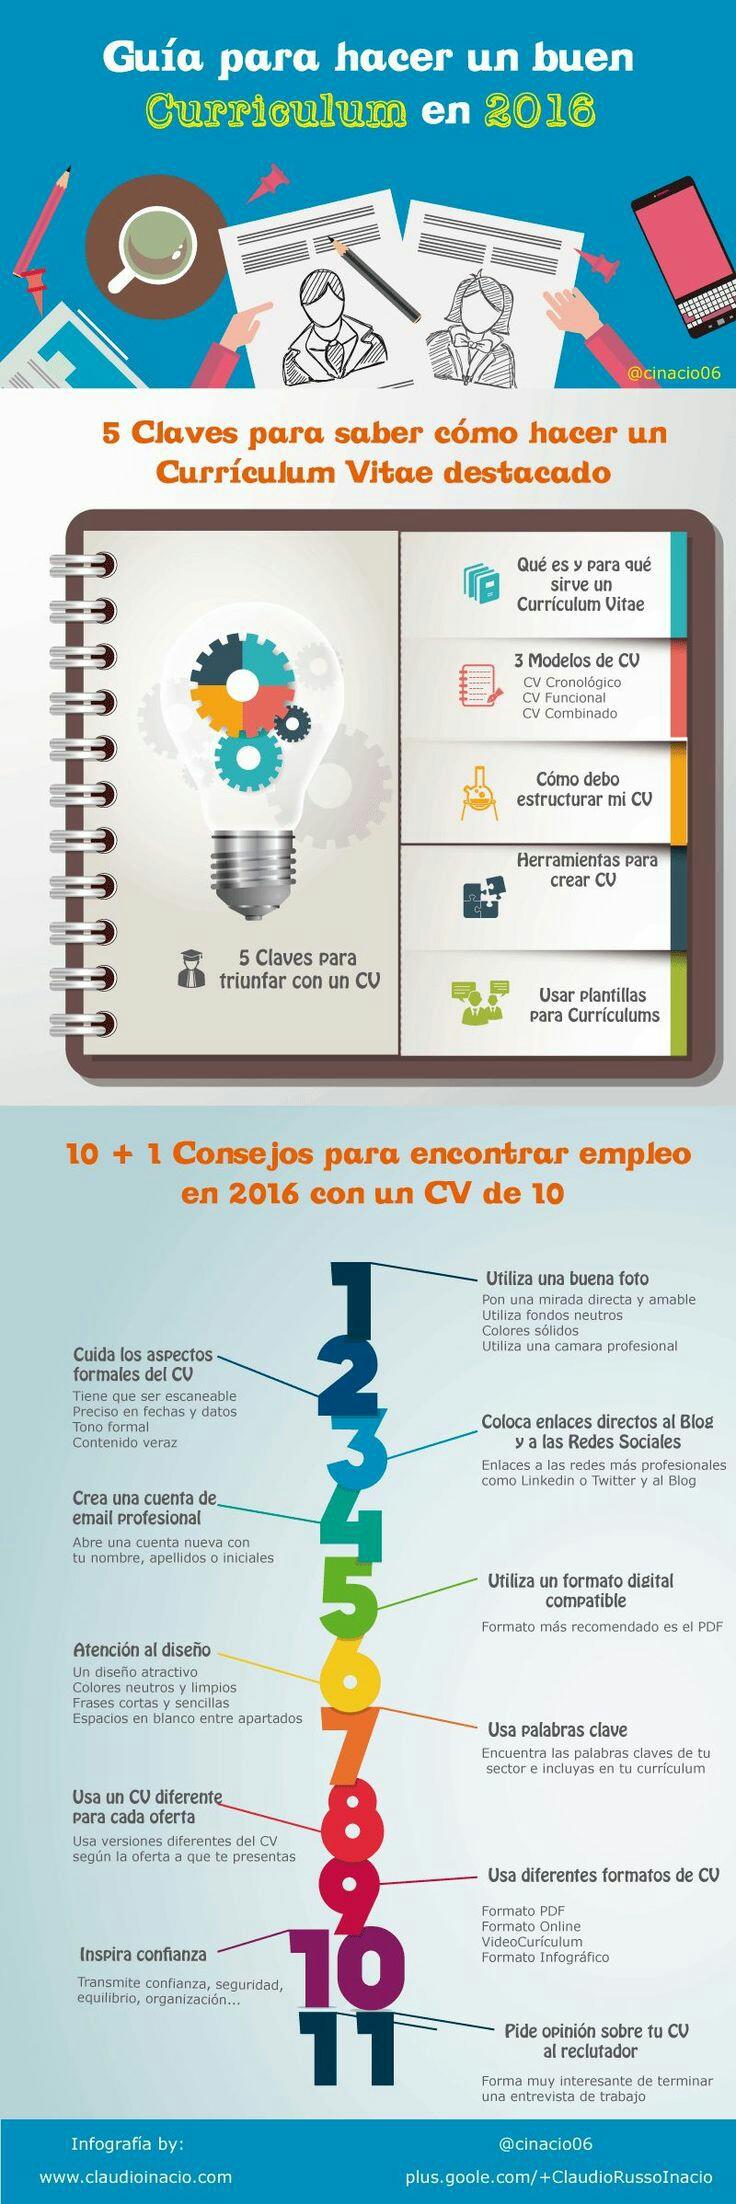 Infografía para hacer un buen CV en 2016 – El Blog de Iñaki González